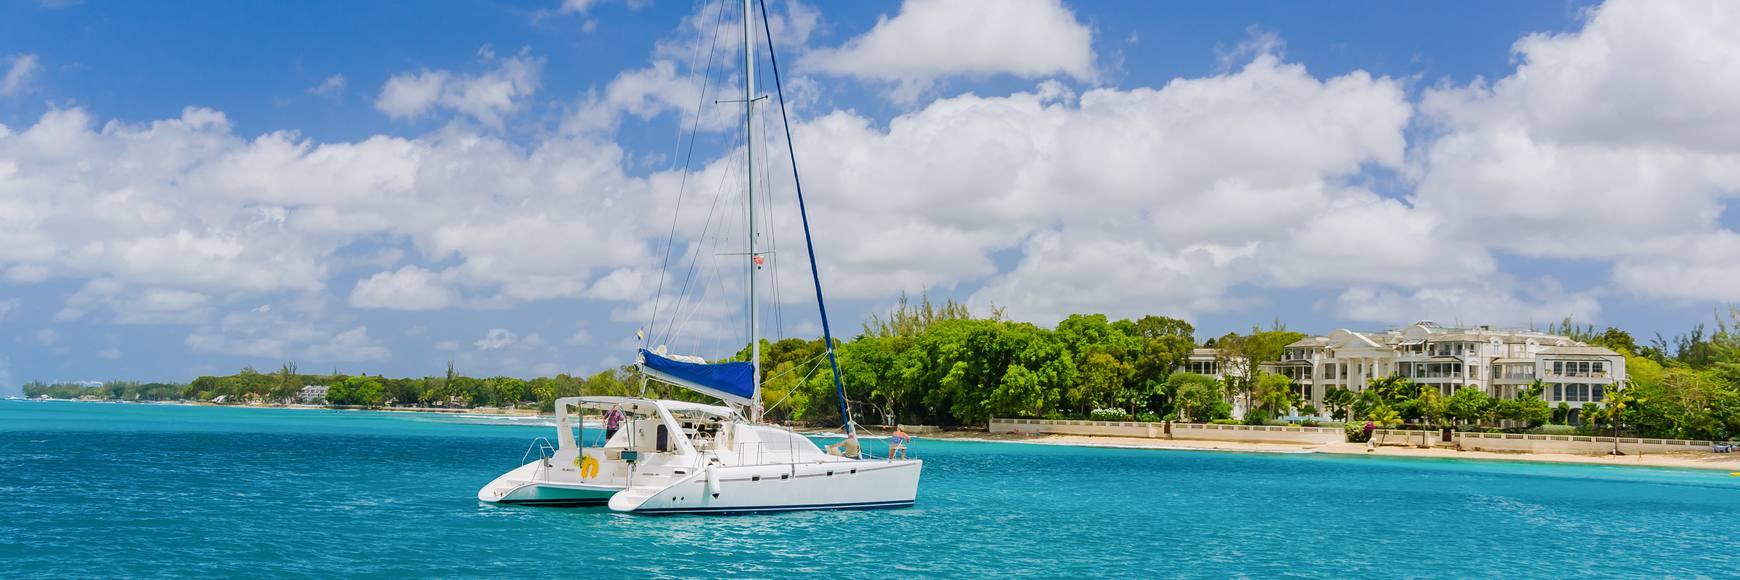 noleggio barca a vela Barbados